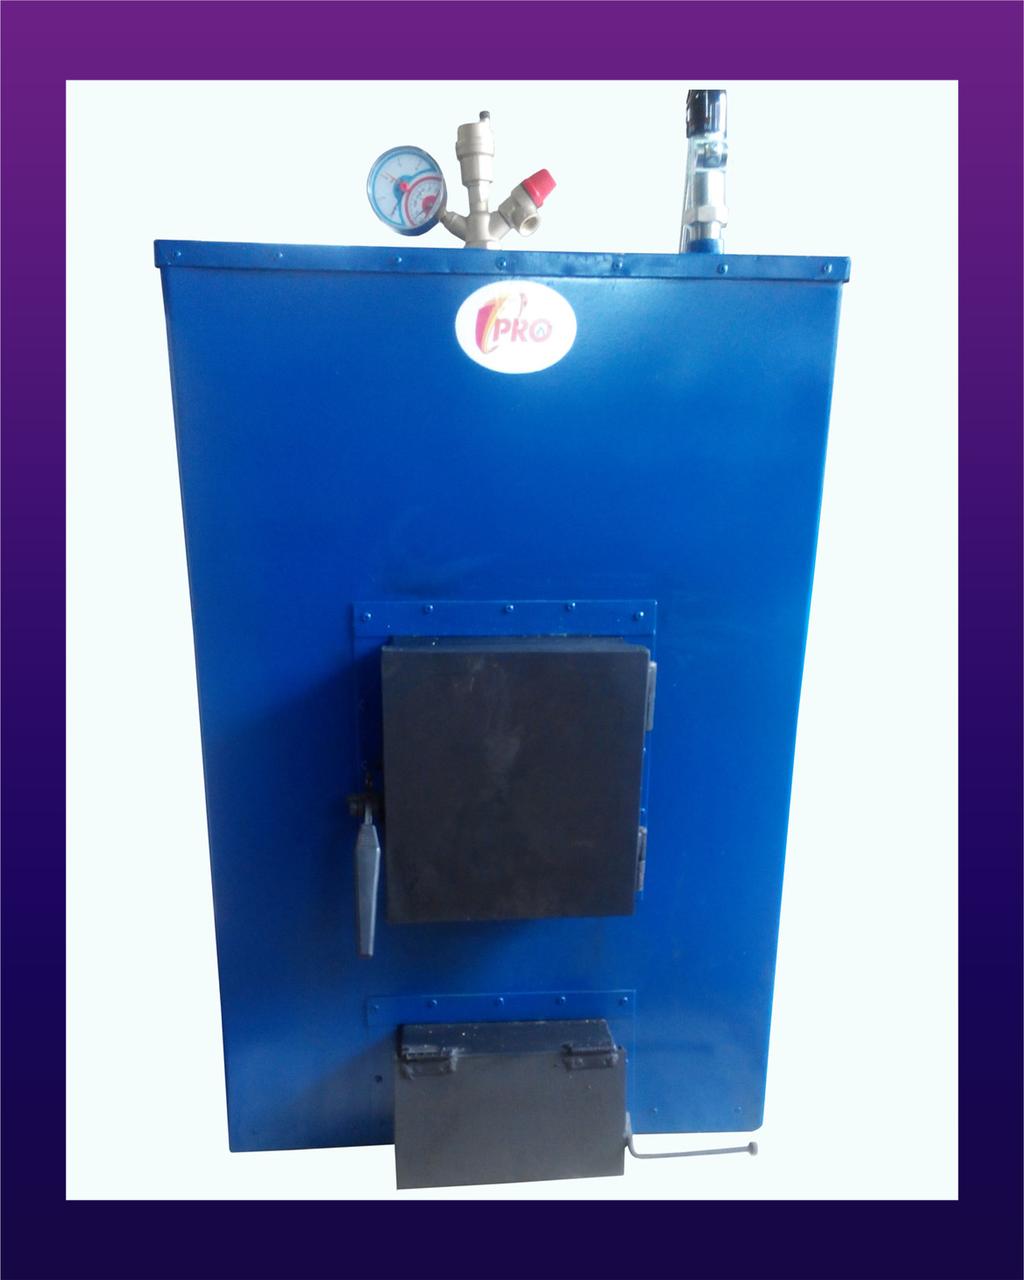 Пиролизный твердотопливный котел Про-М, 35 кВт